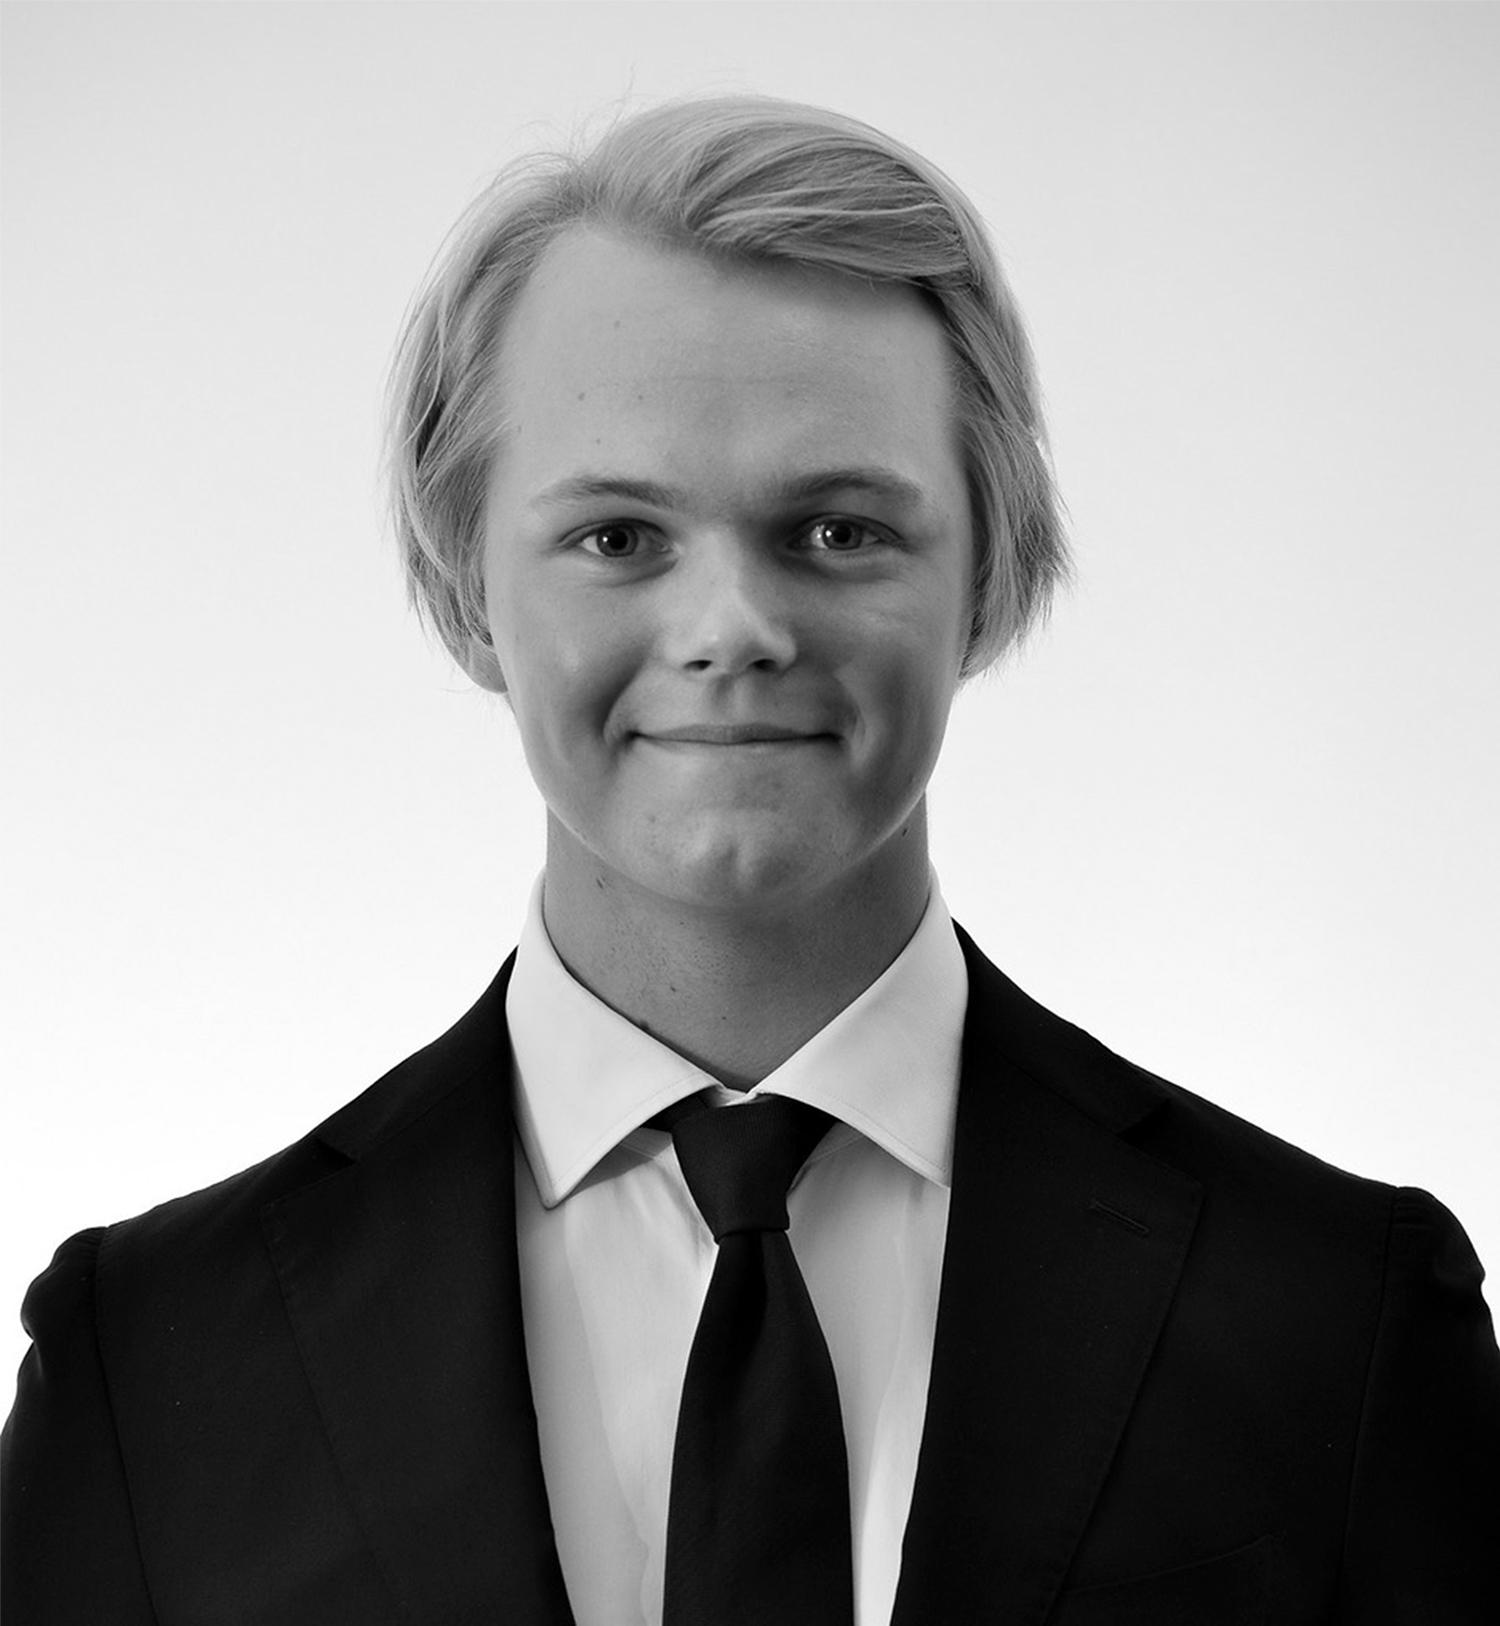 Nicholas Stael von Holstein